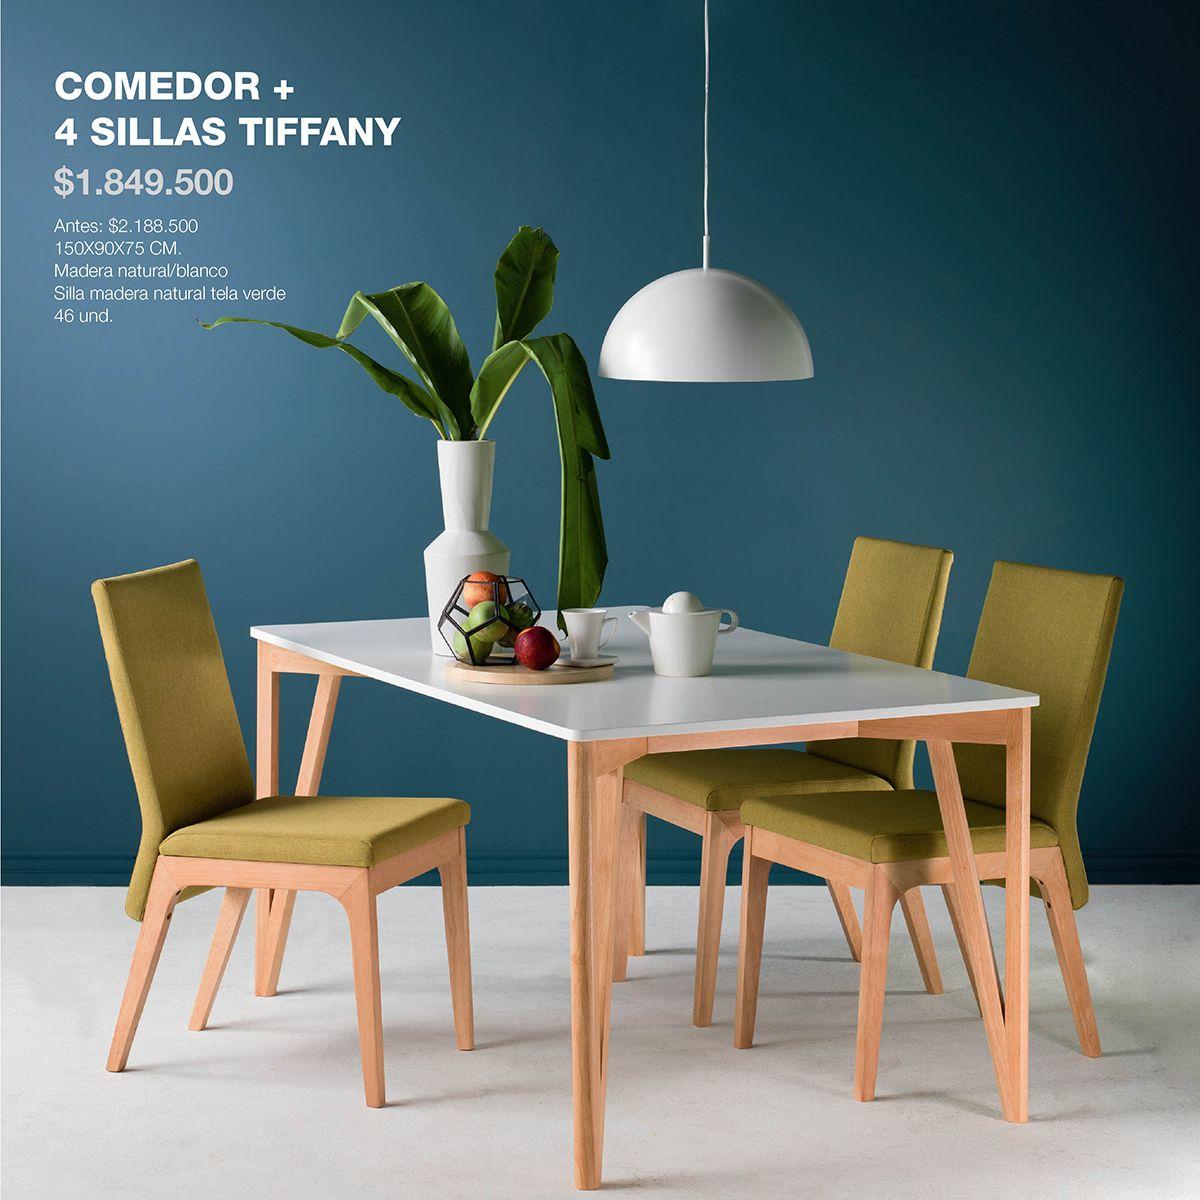 Comedor y sillas tiffany vidrio de color blanco y madera for Sillas grises para comedor